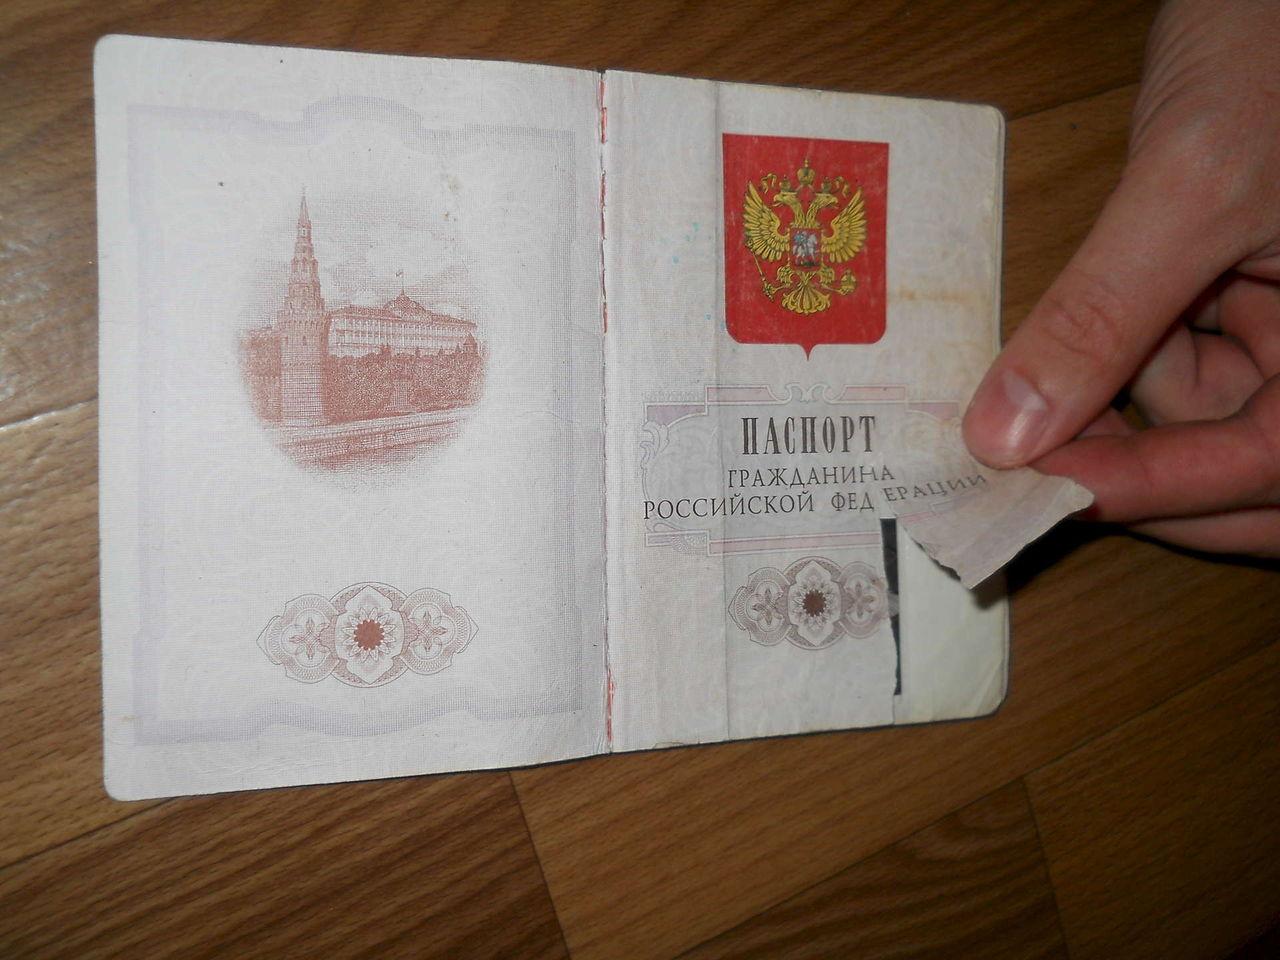 Сколько длится замена паспорта